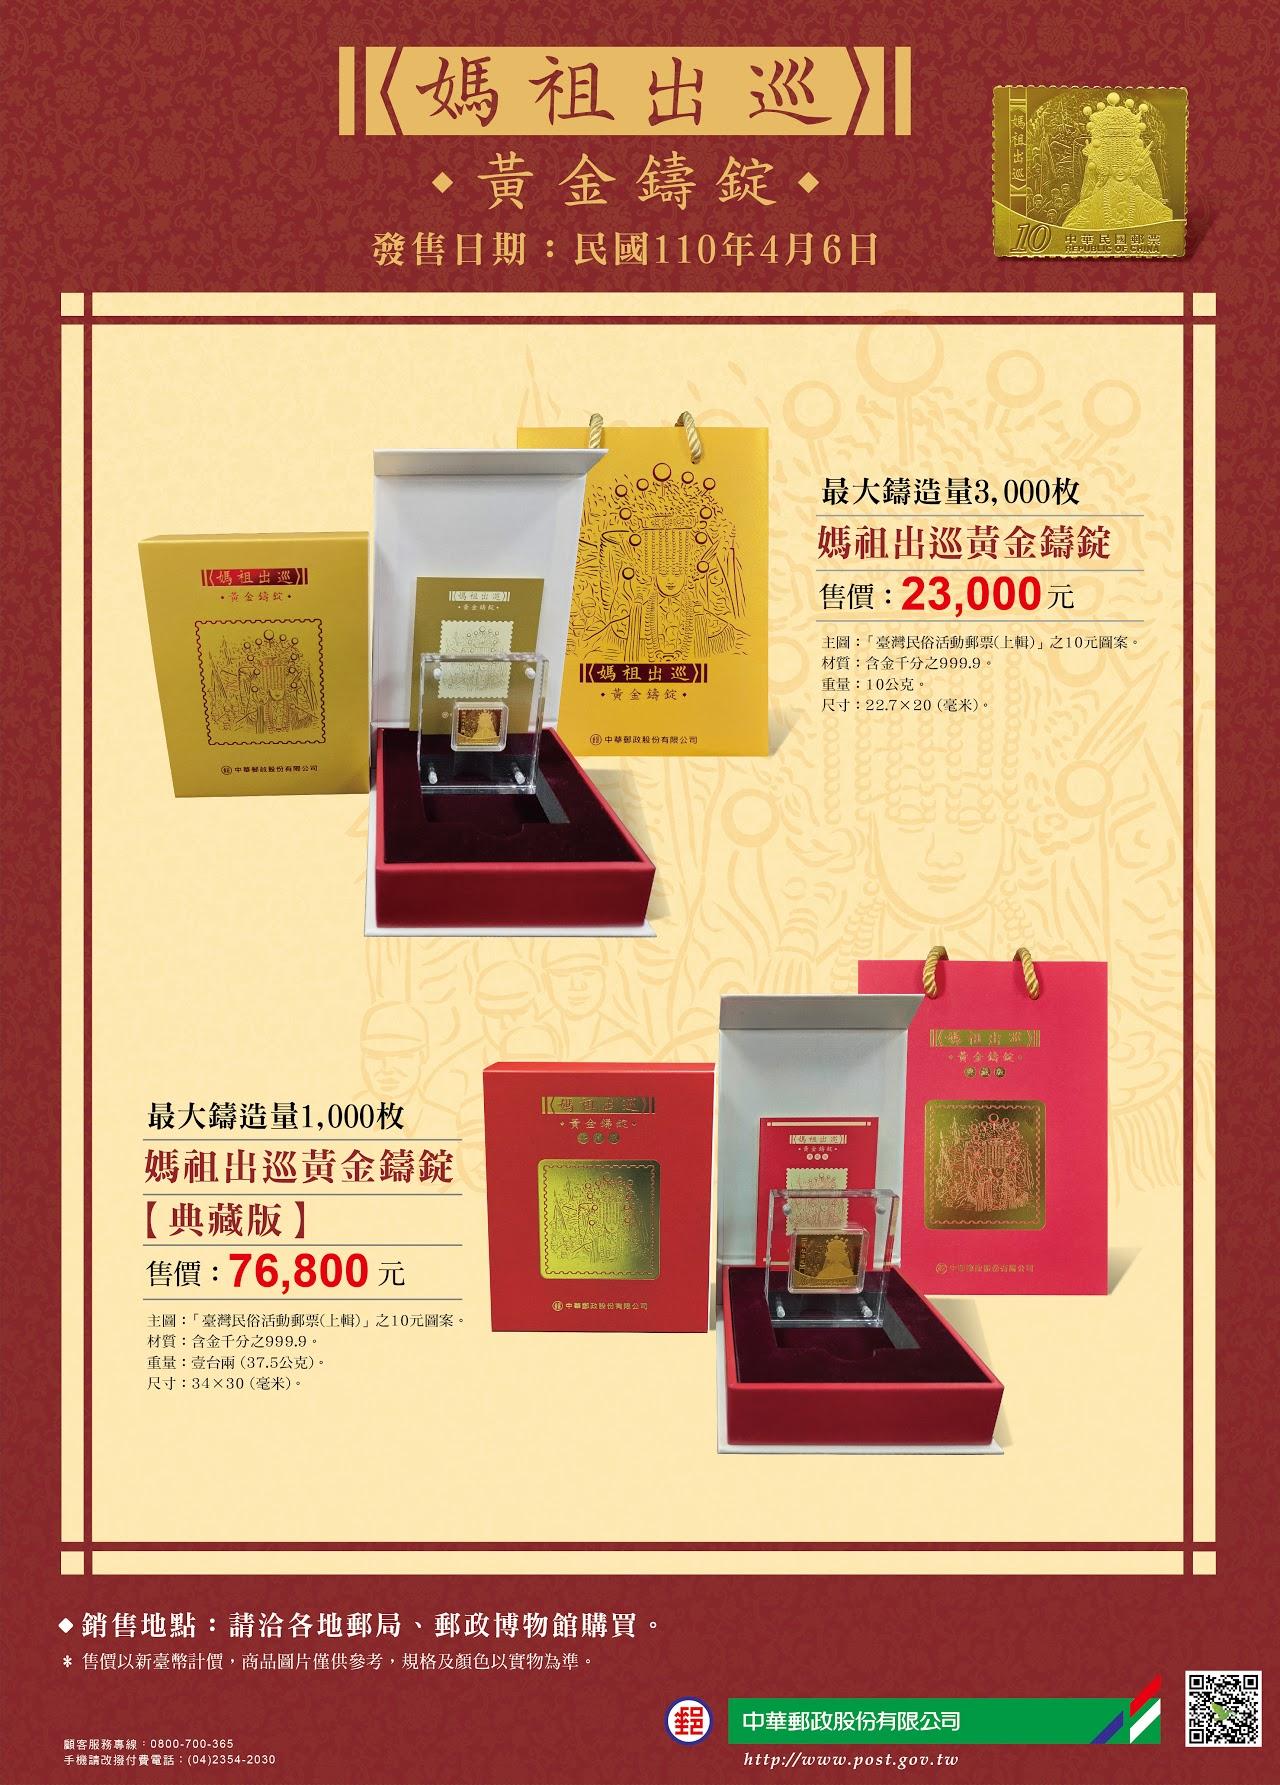 媽祖出巡黃金鑄錠,臺南郵局為您加持祈福!